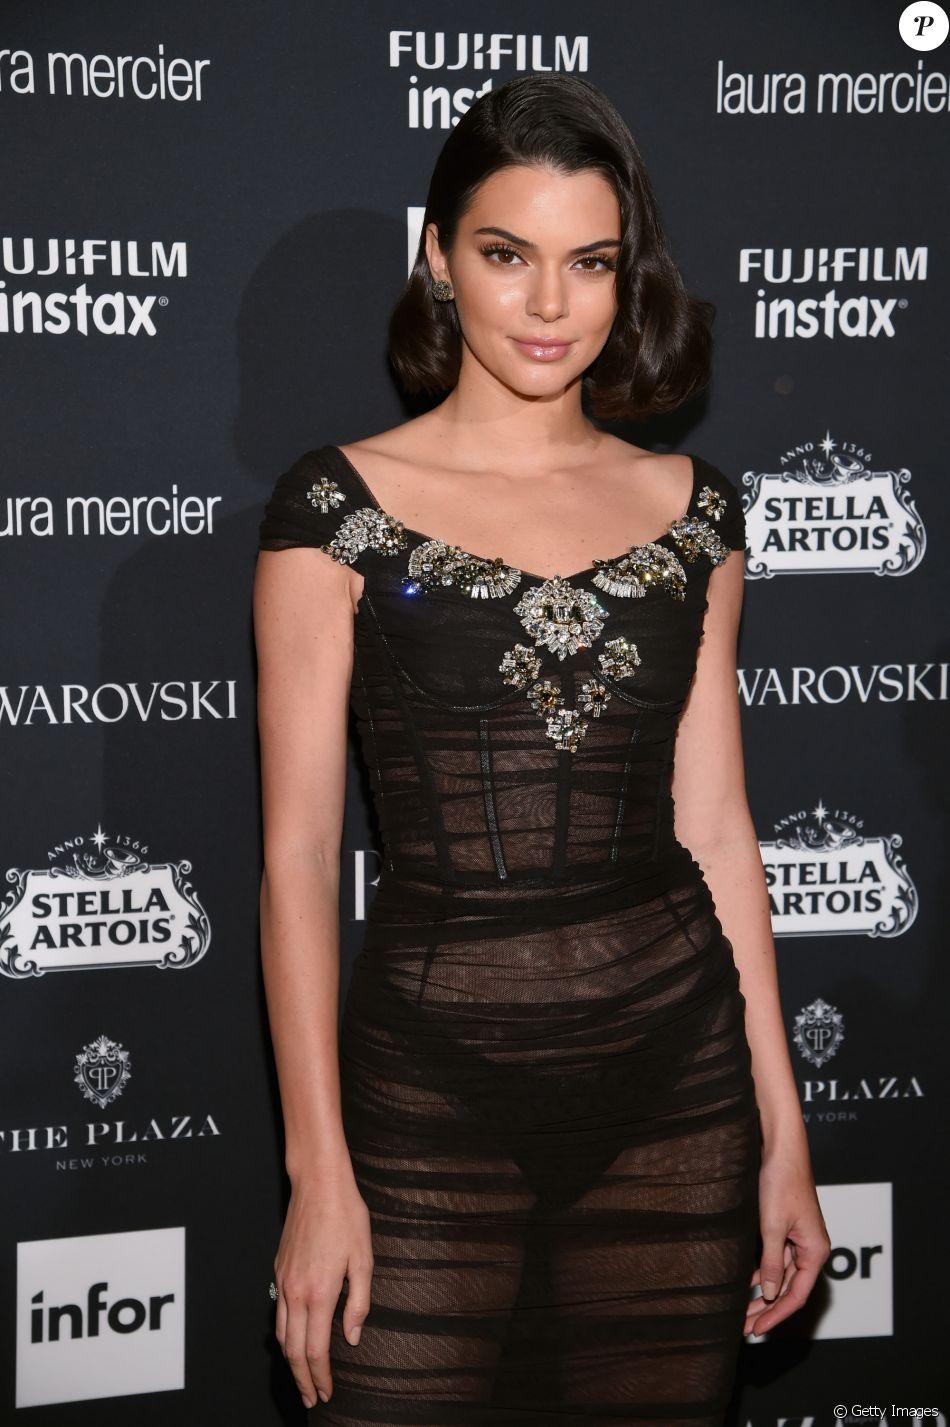 O Tecido Fino Do Vestido De Kendall Jenner Revelou A